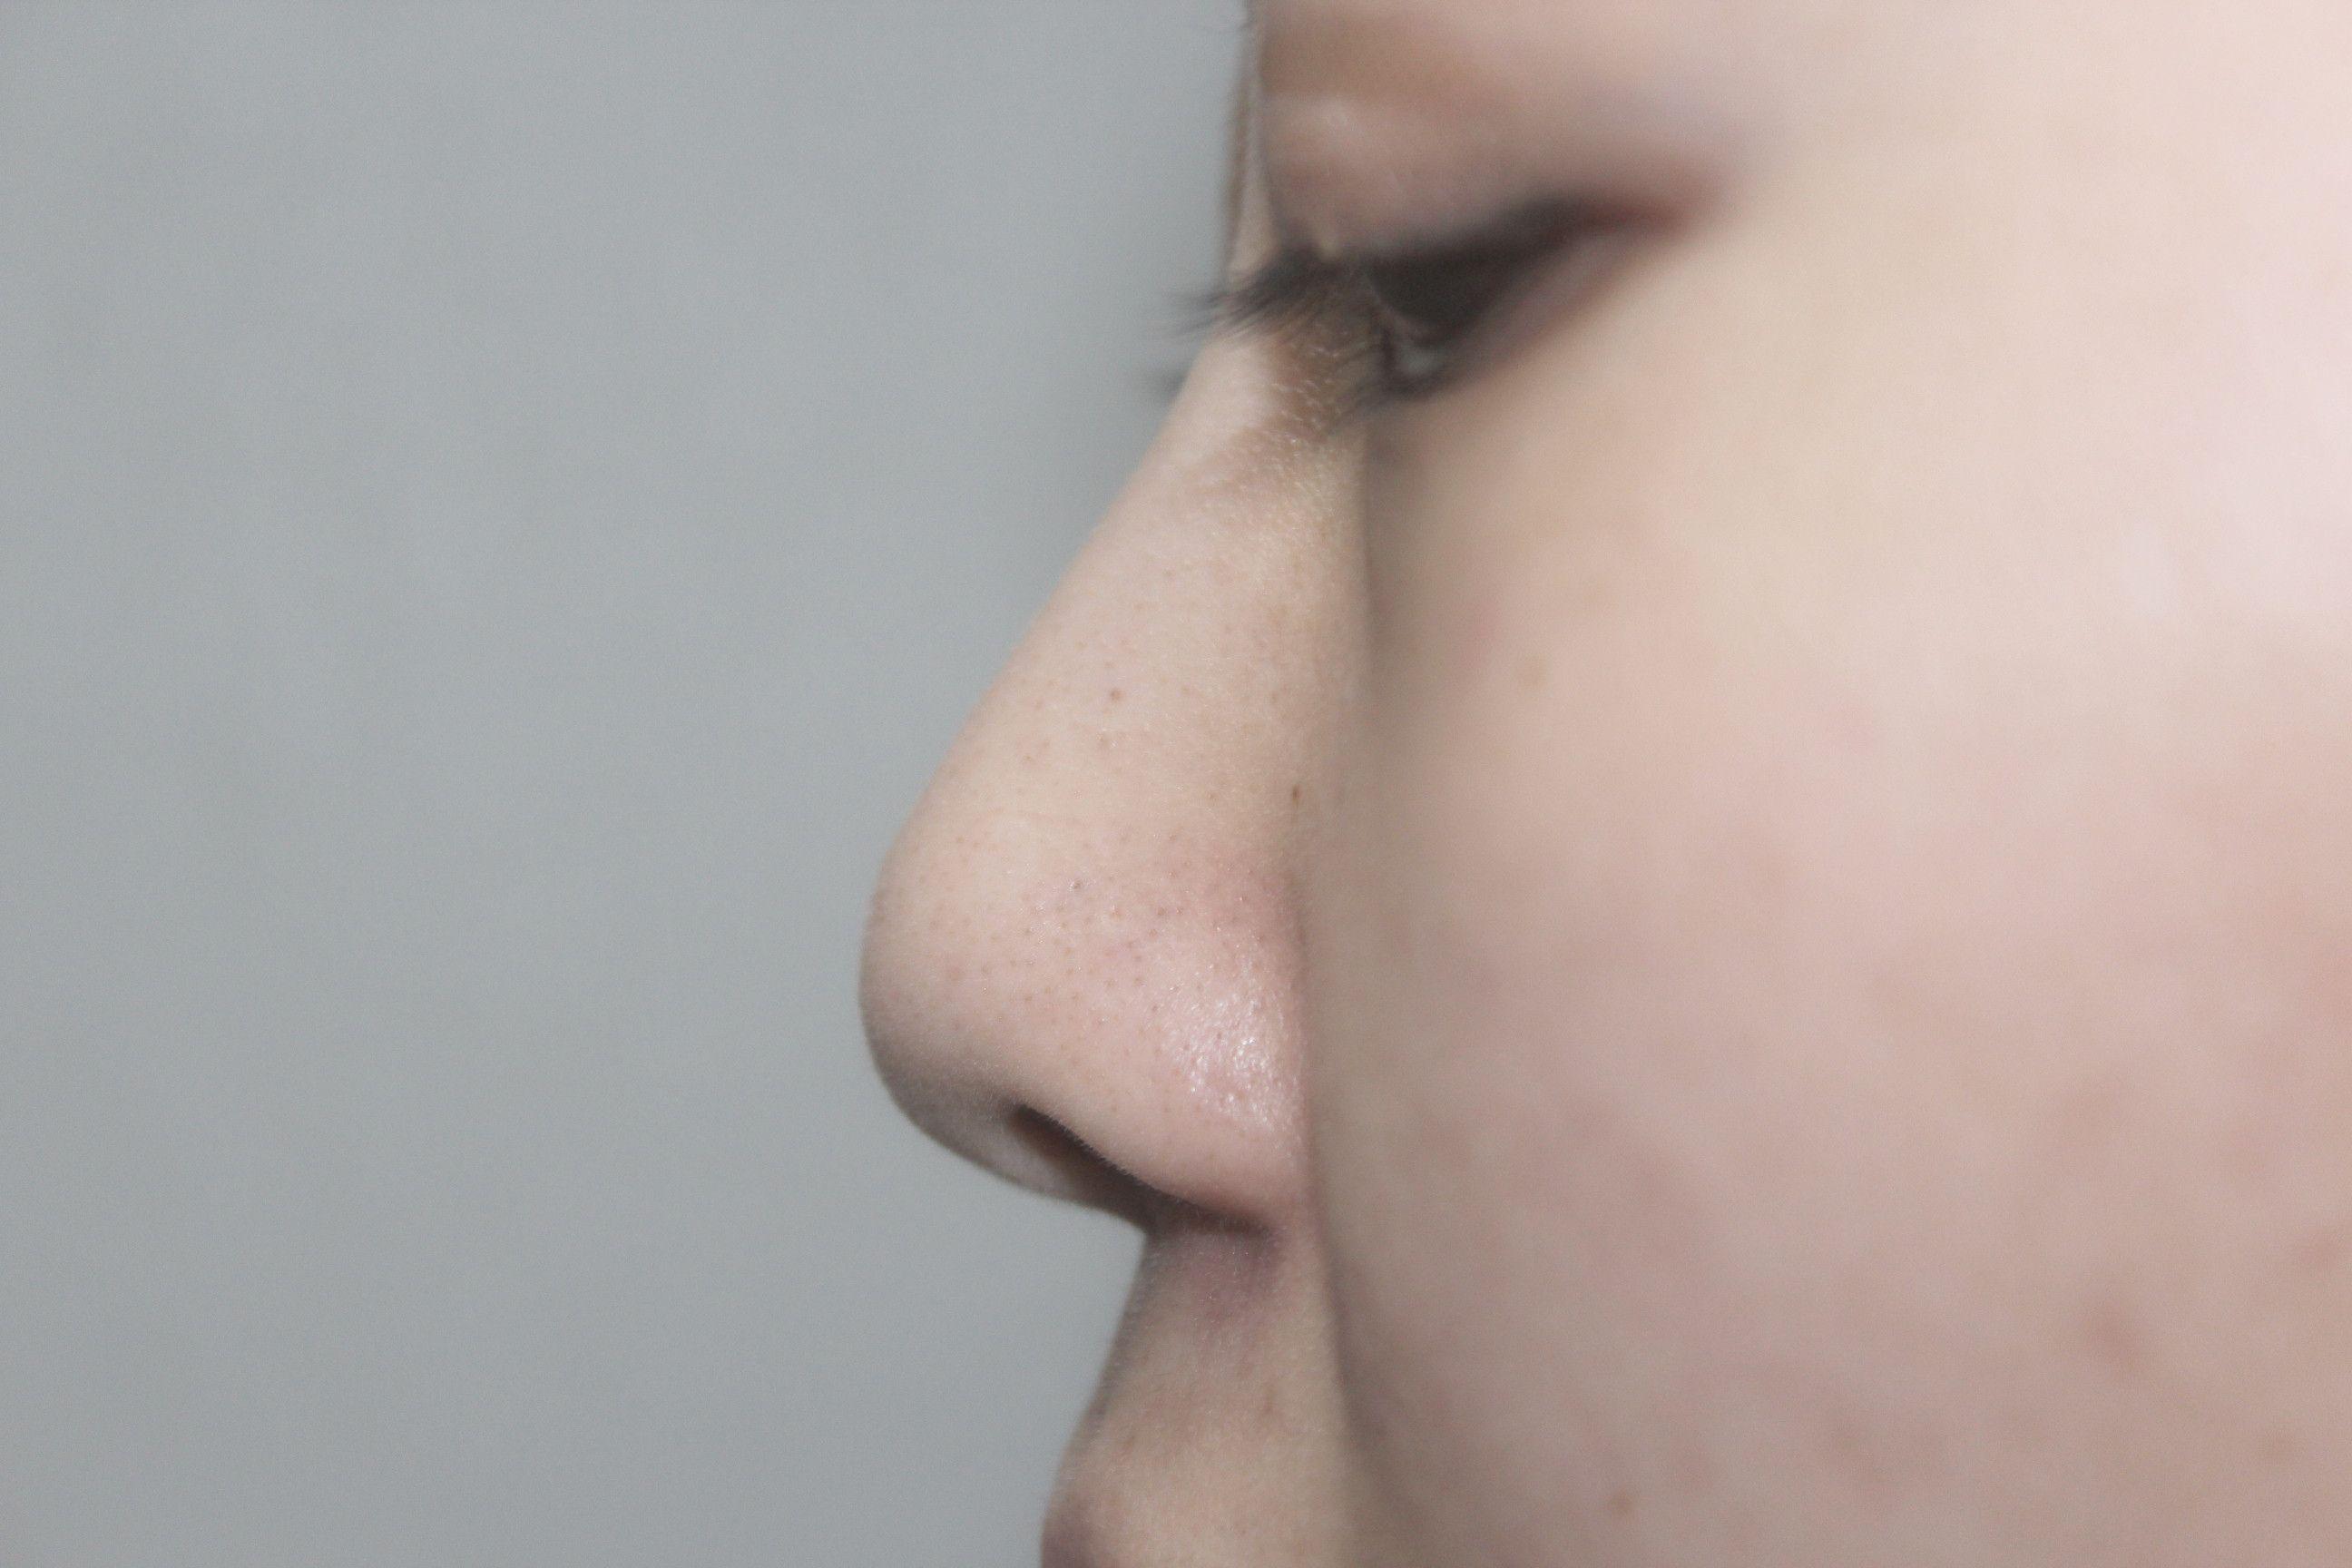 以前的鼻子比較坍塌,顯得臉非常寬大扁平,使整個臉缺乏立體精致的美感。看到別人的高顏值,自己羨慕不已。后來多方審查,確定了一家離我不是很遠的醫療機構(畢竟做完手術之后的臉還是蠻嚇人的,不想成為別人的焦點)。經過醫生的面診之后,指定了符合我心意的手術方案,之后就是一些檢查什么的。  好像手術大概做了兩個小時左右吧,做完之后感覺鼻子有點麻,想碰又不敢碰。術后好幾天鼻子都是比較腫的,記得比較清楚的就是術后一周的時候去拆線,醫生說不要沾水,在飲食上還要注意不要吃辣和刺激性的食物,每天熱敷驅散淤血等,并且要注意面部表情動作不要太大。醫生還說如果有任何不舒服的地方需要及時跟他溝通,真是個暖心的醫生。